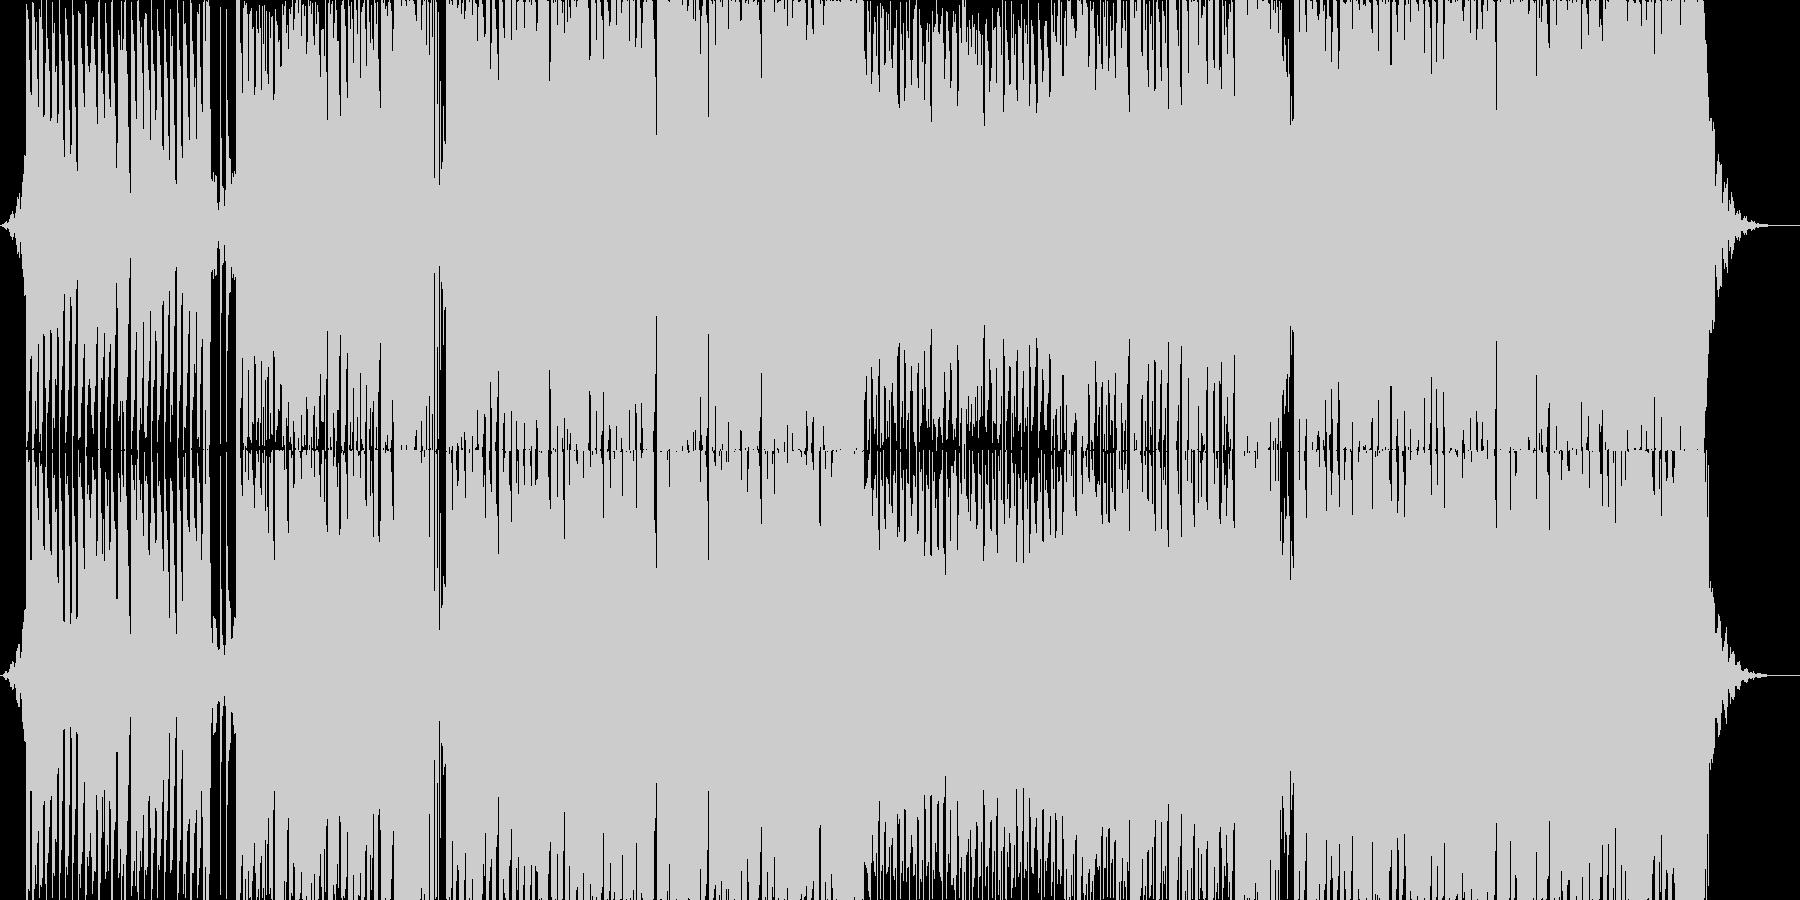 爽やかで明るいEDMの未再生の波形